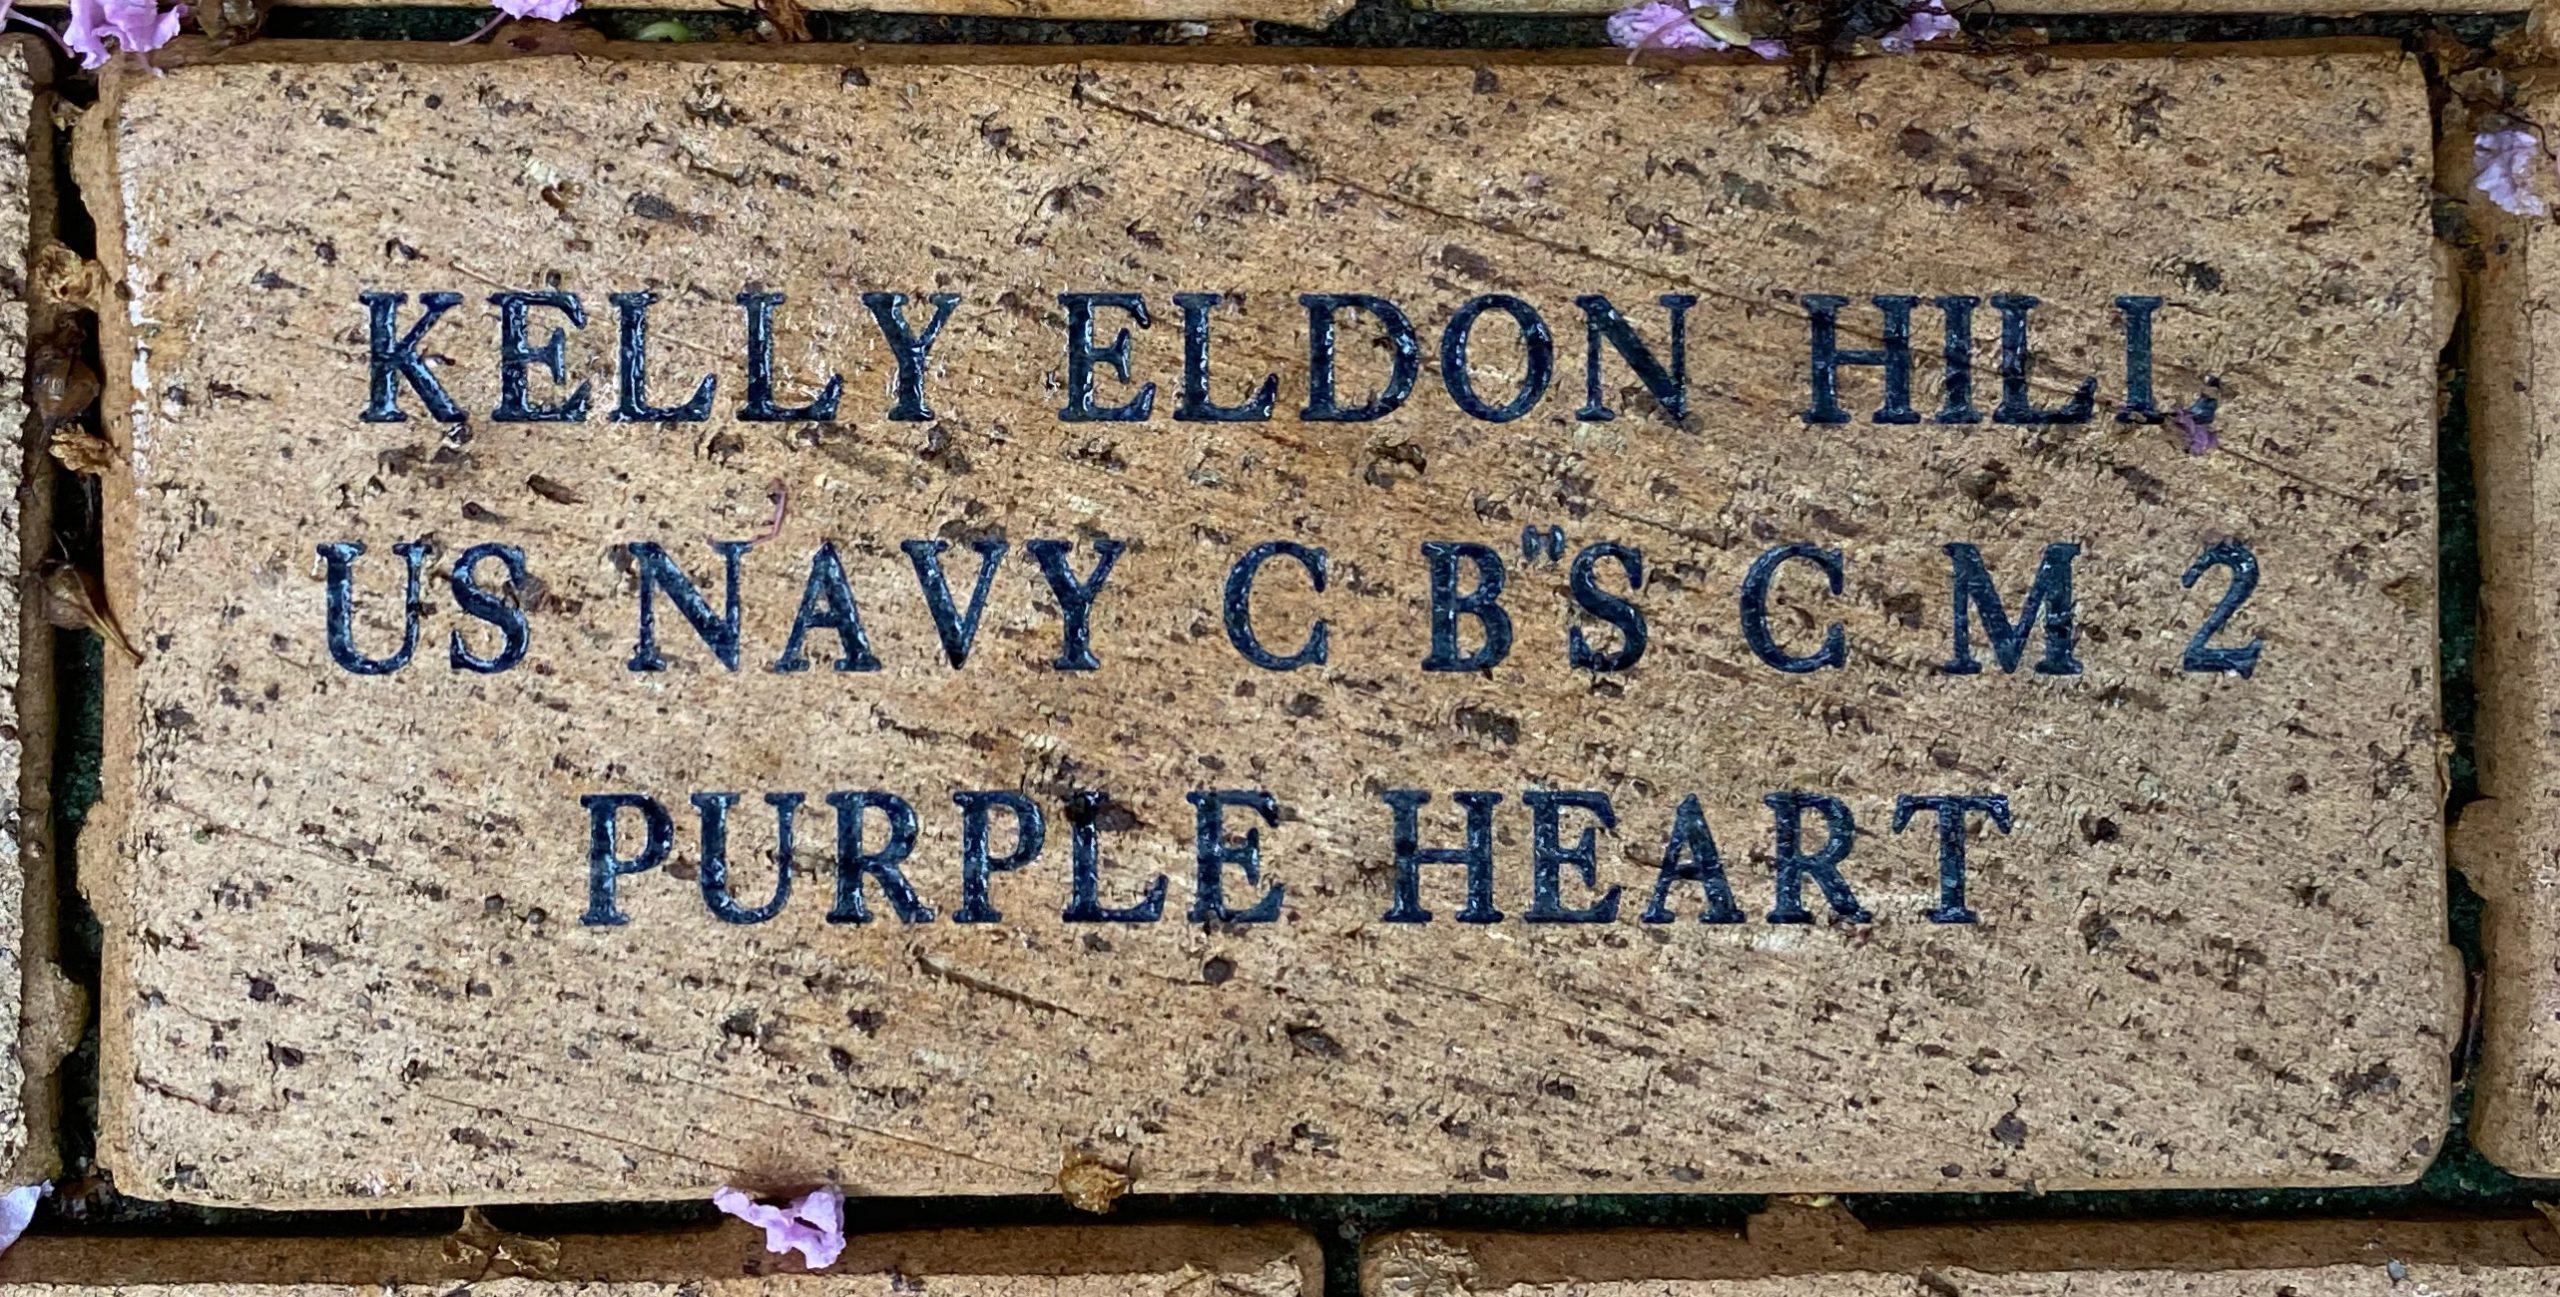 KELLY ELDON HILL US NAVY C B''S C M 2 PURPLE HEART